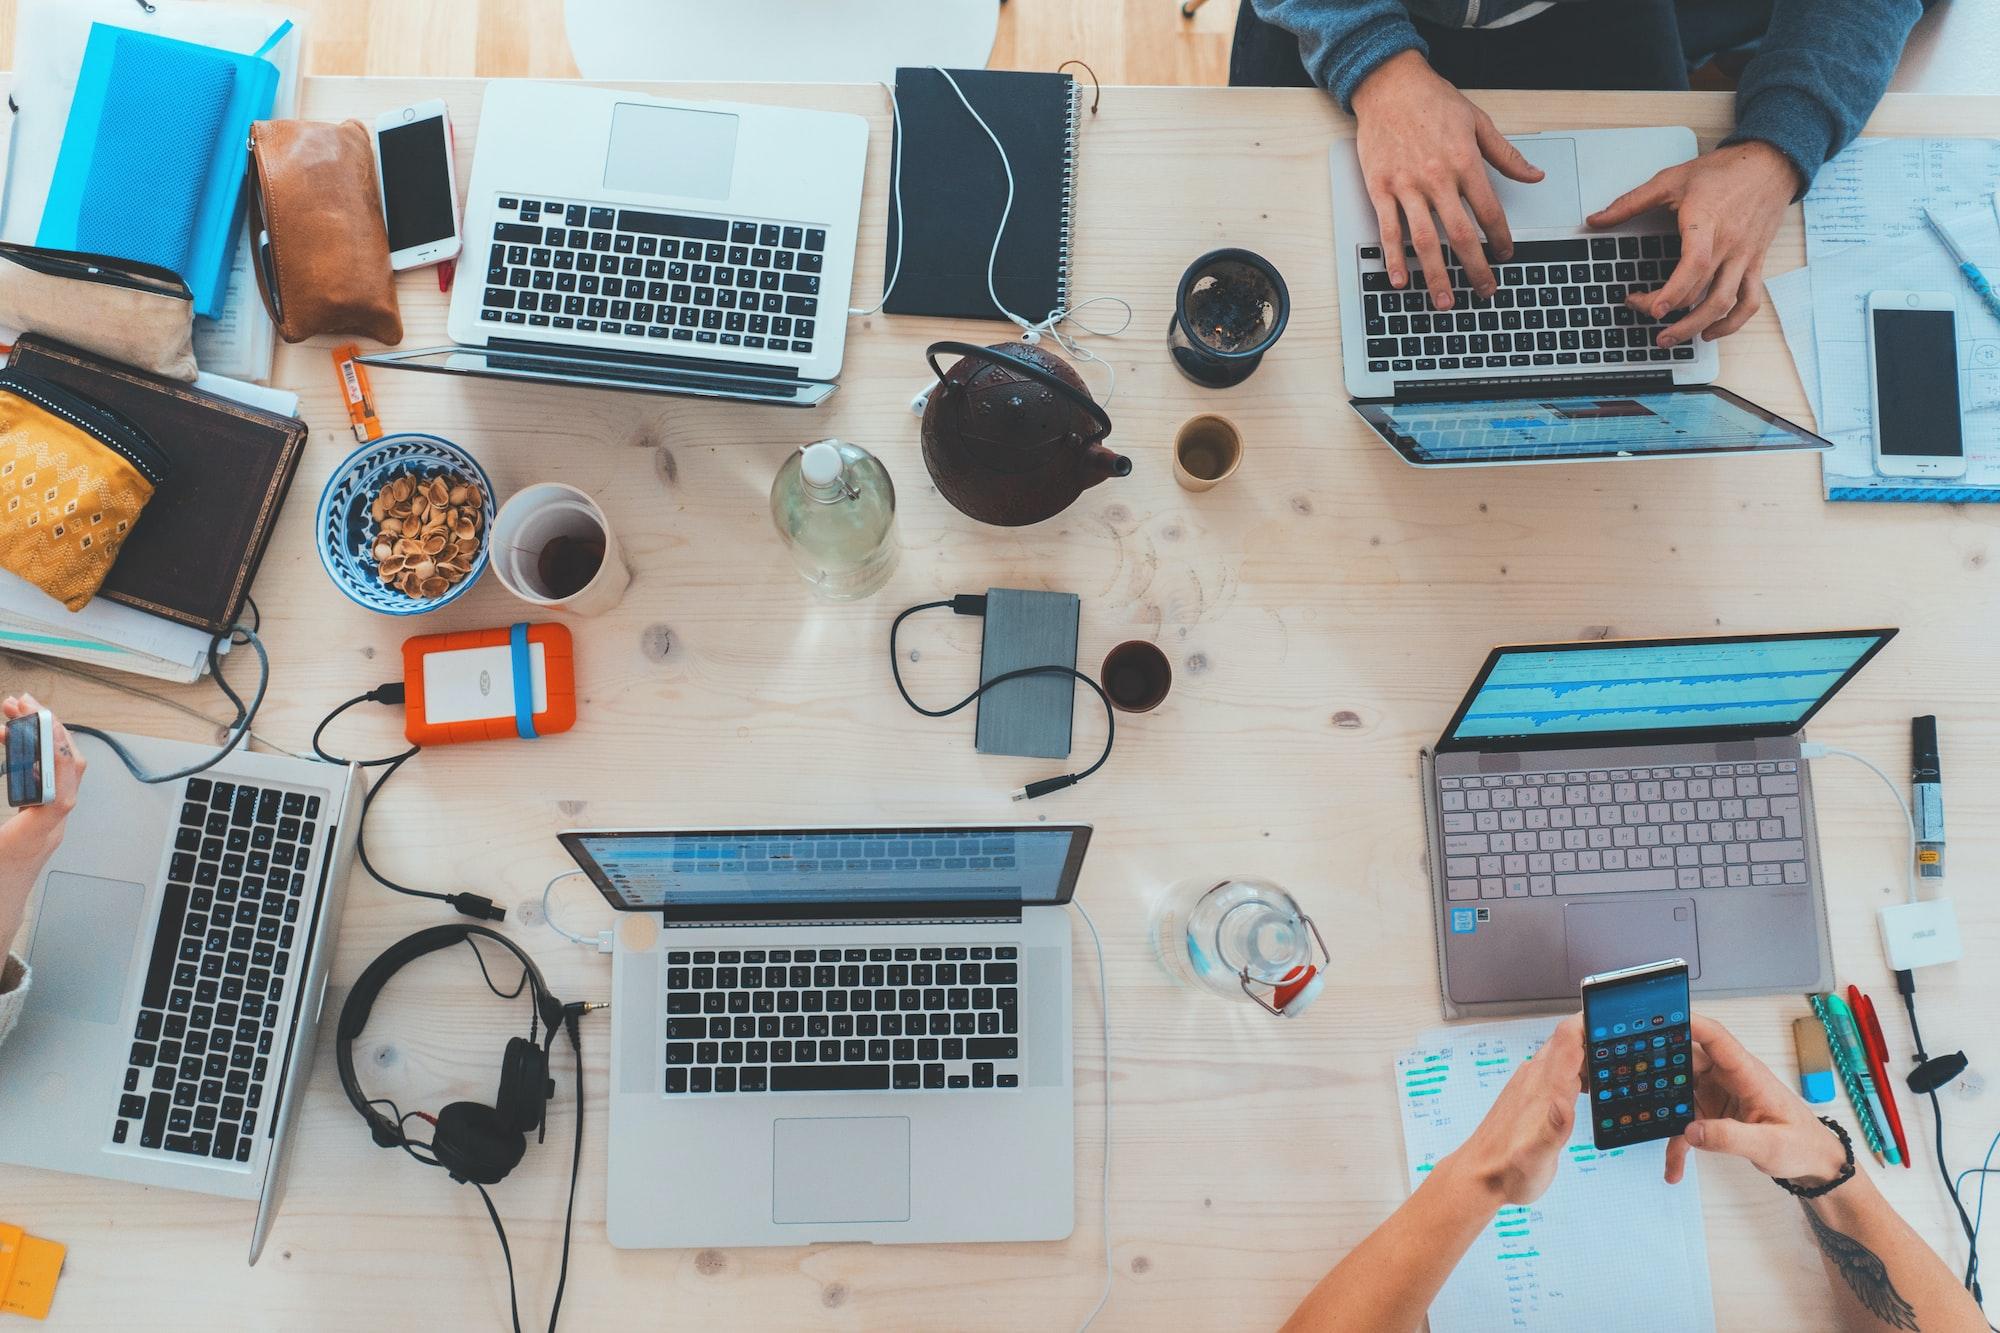 Podcurso#18 - Educação digital, o que é isso?